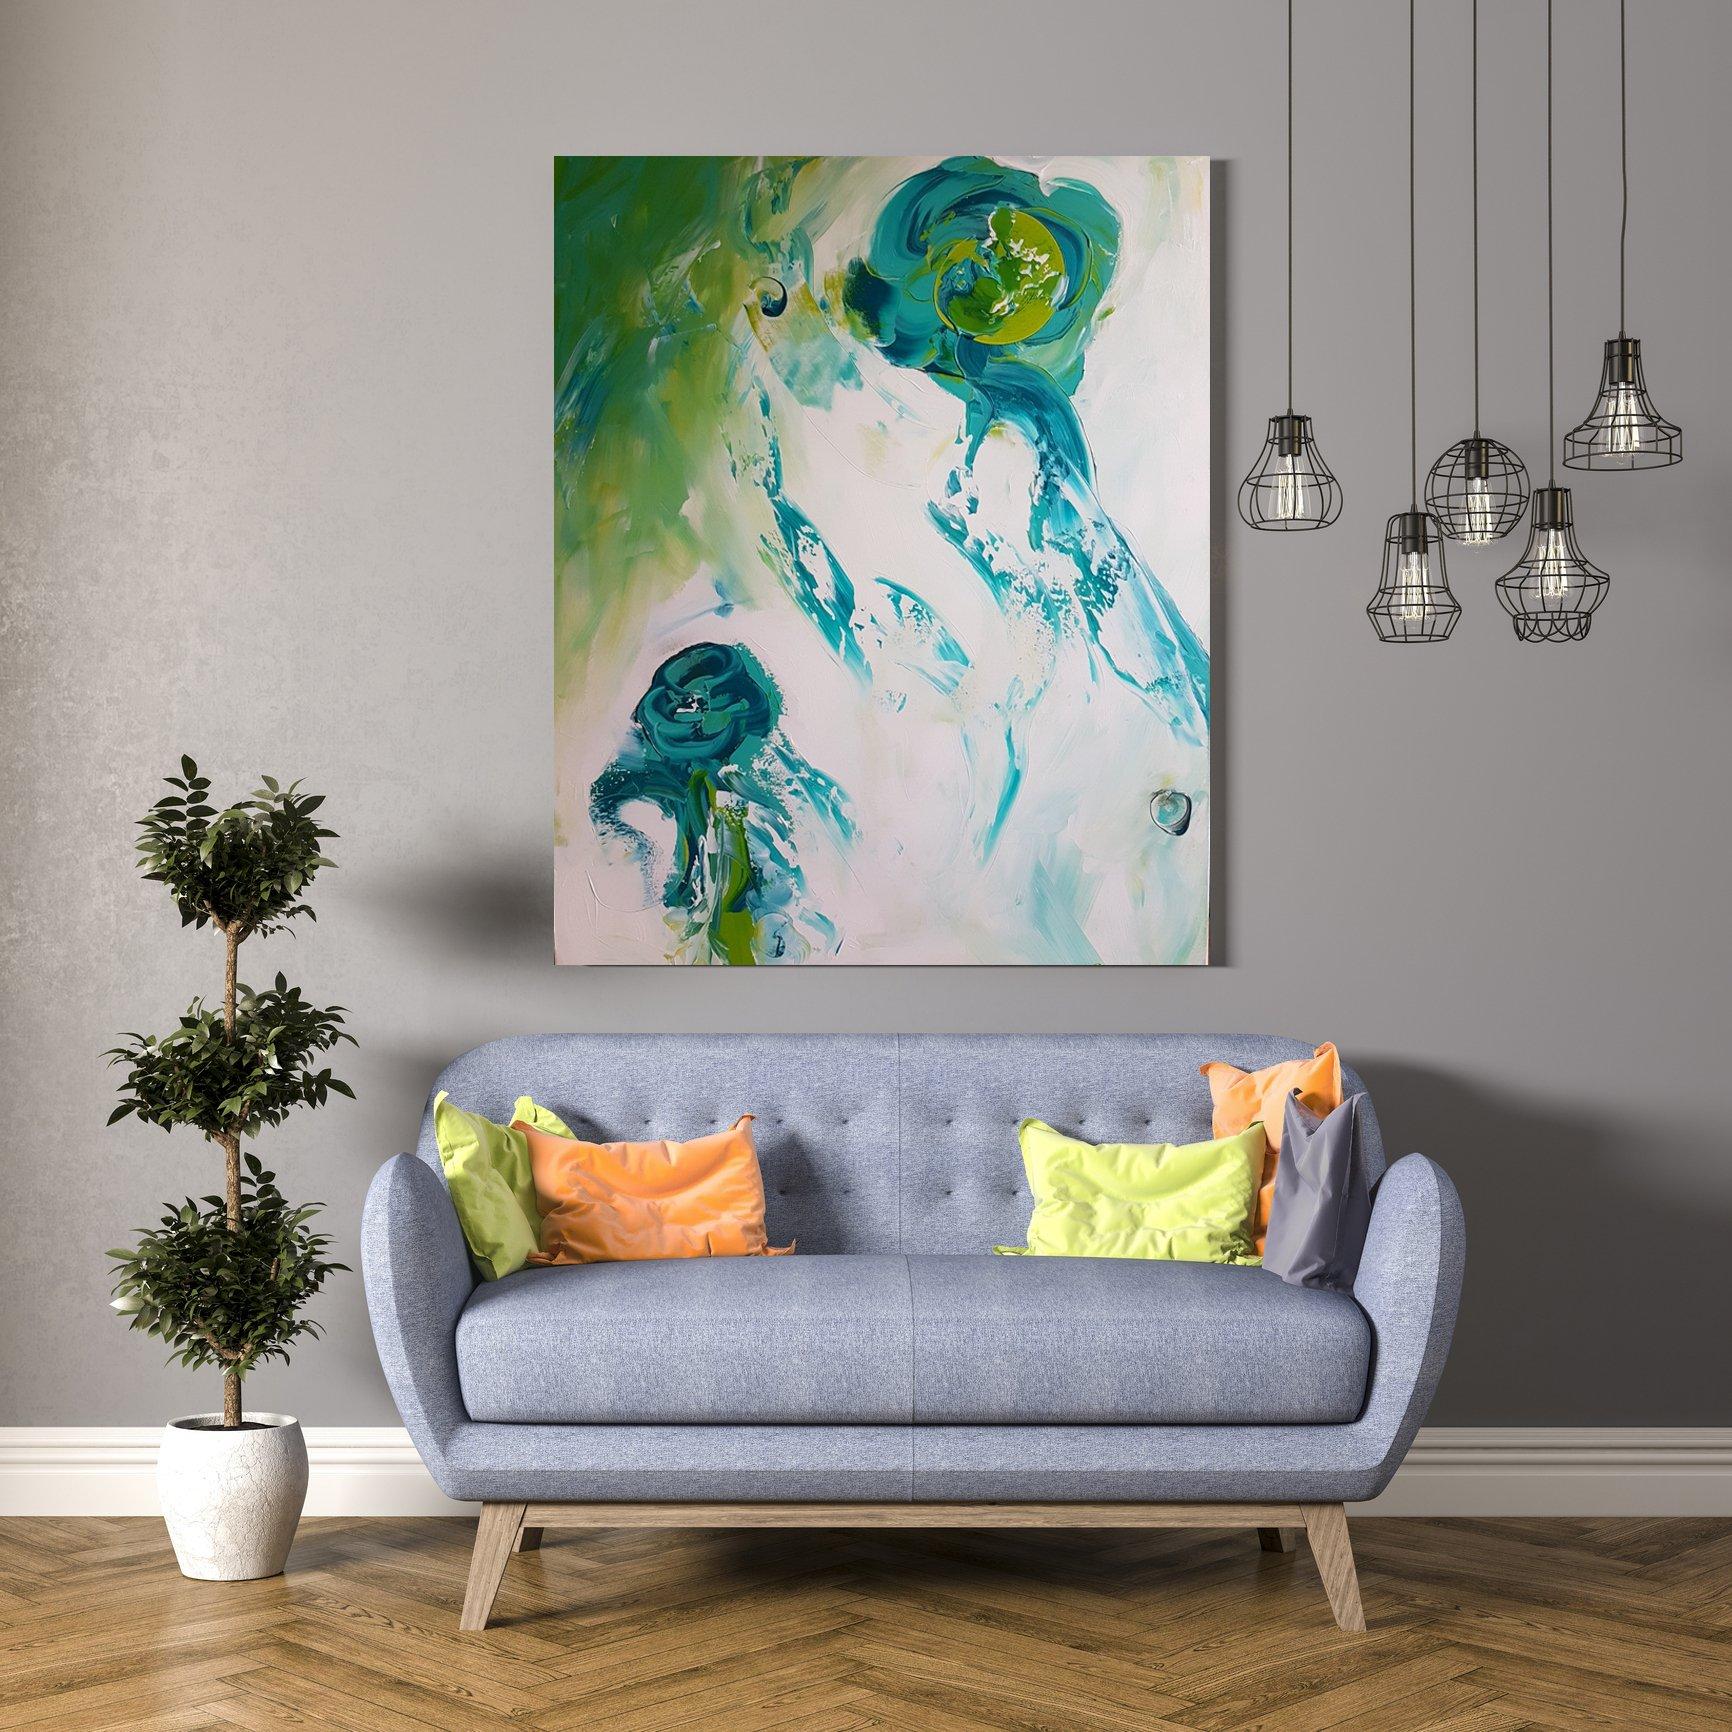 Water Flowers - Sacha